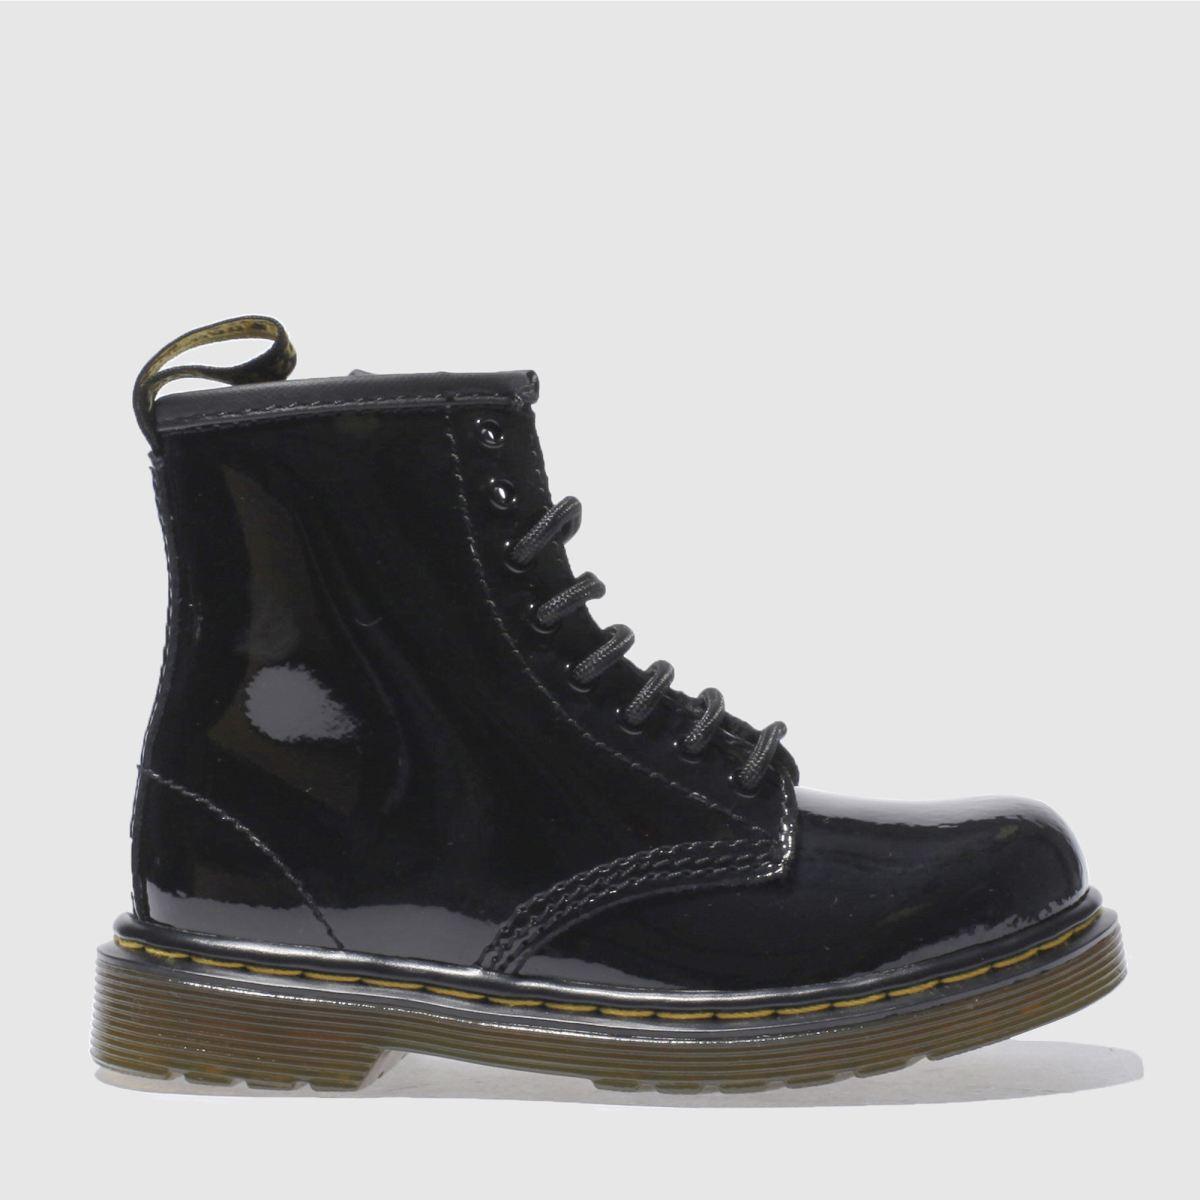 dr martens black brooklee patent Girls Toddler Boots